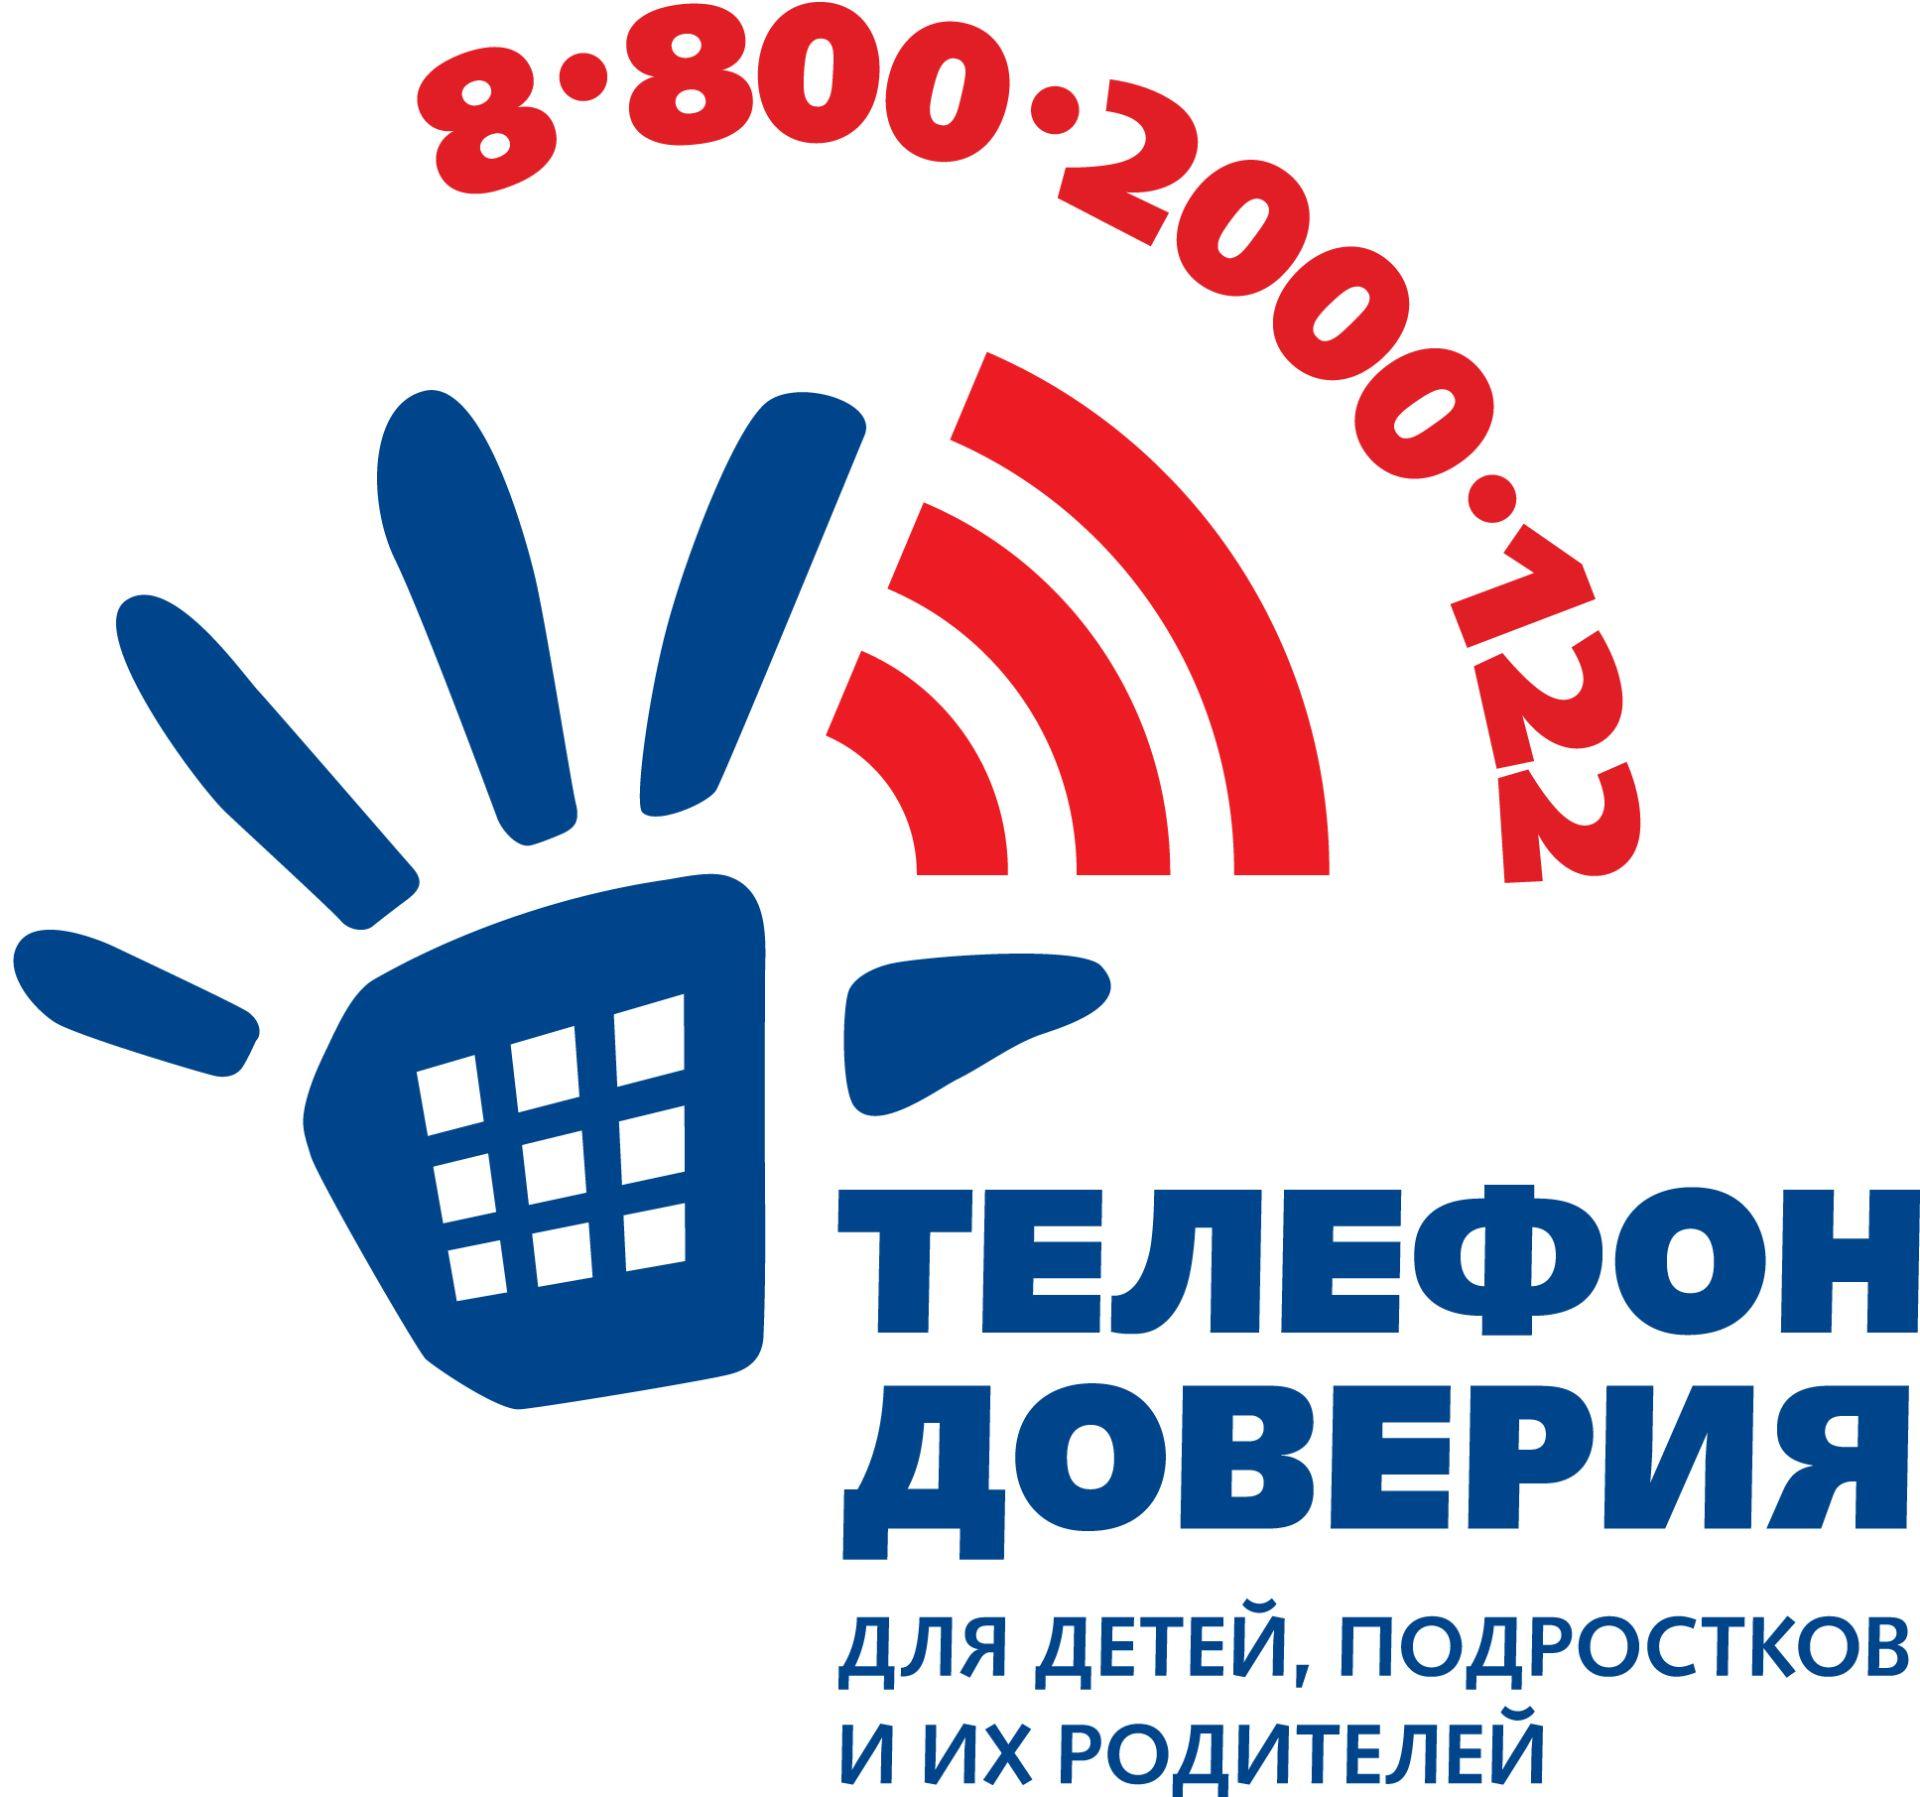 «Ты не ОДИН» – акция в преддверии Международного дня Телефона доверия состоялась на Донском